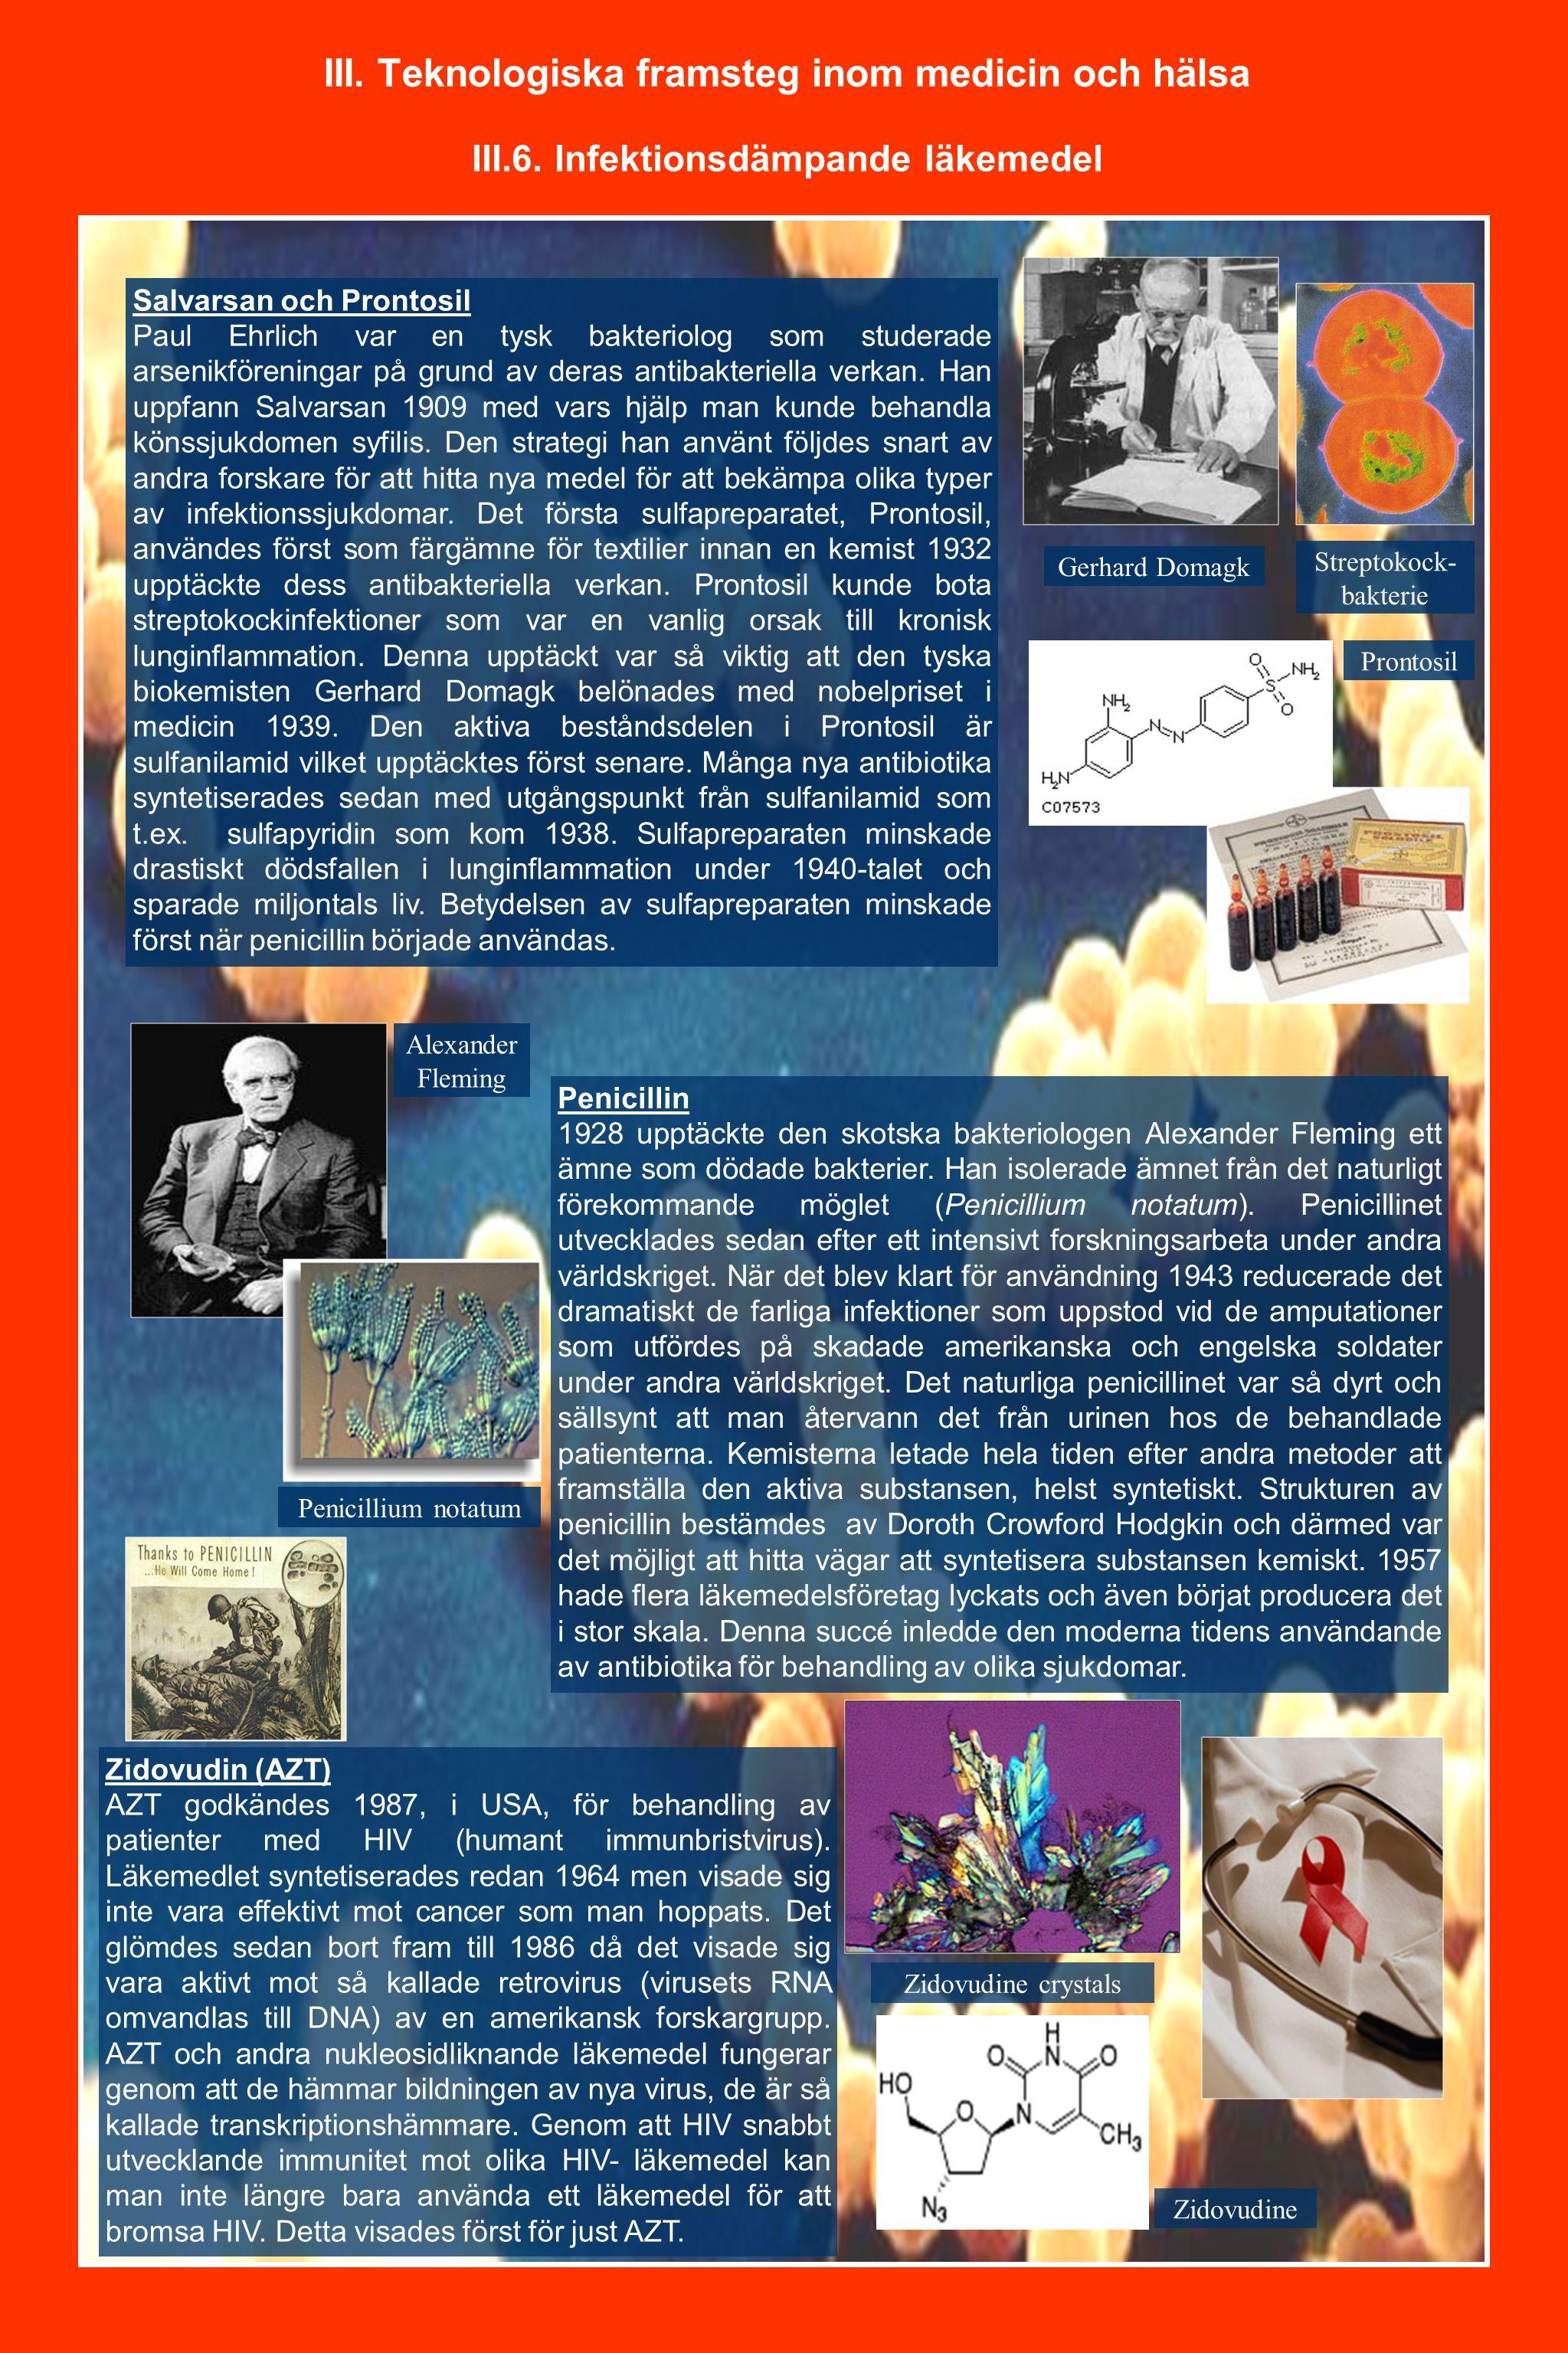 III. Teknologiska framsteg inom medicin och hälsa III.6. Infektionsdämpande läkemedel Salvarsan och Prontosil Paul Ehrlich var en tysk bakteriolog som